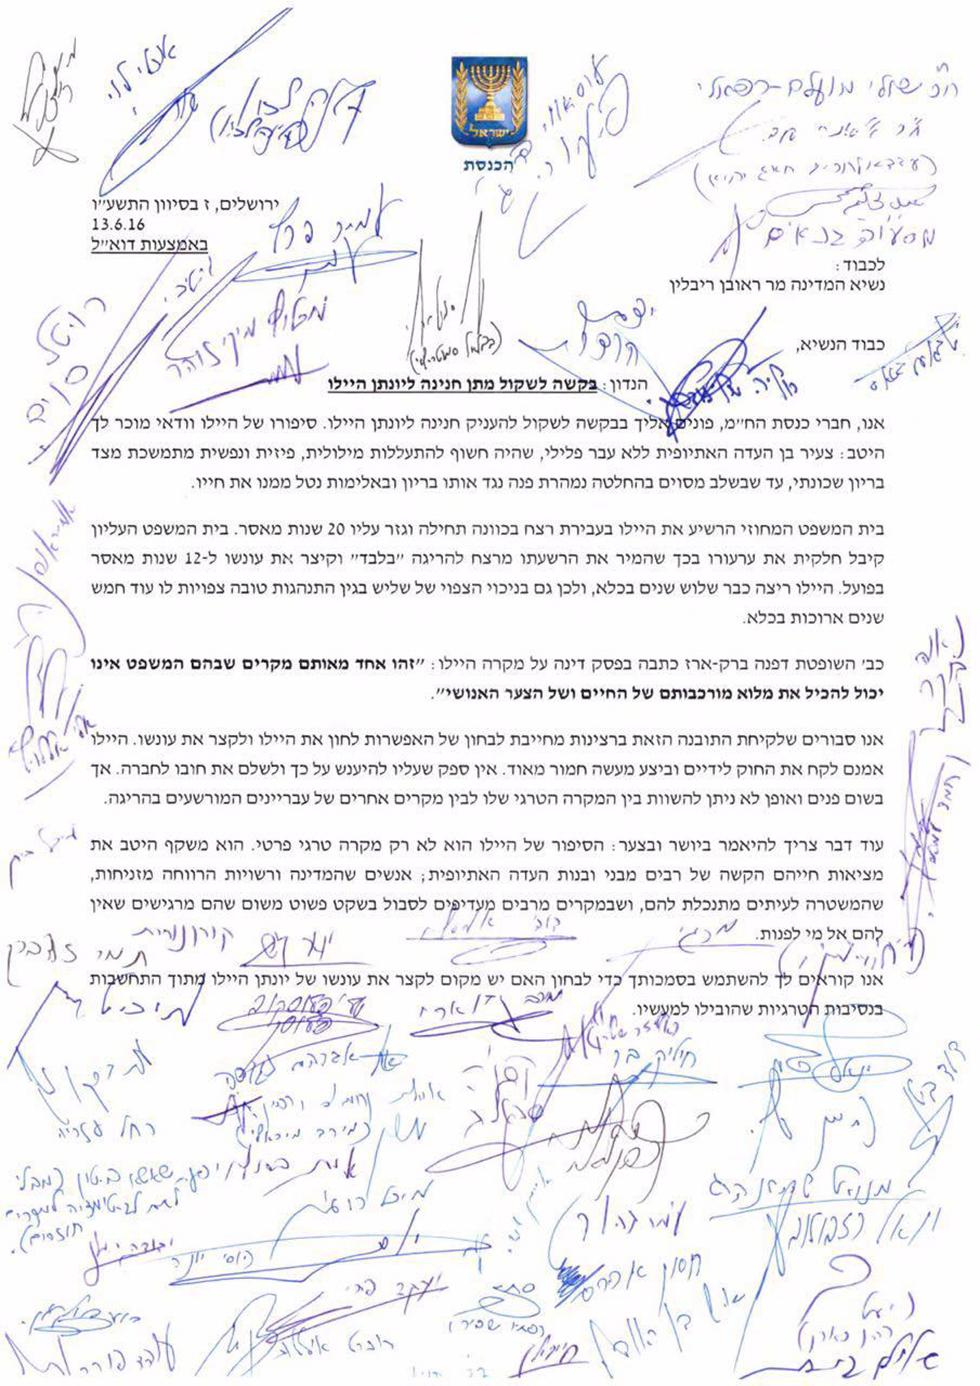 חברי הכנסת חתמו על בקשת החנינה ()